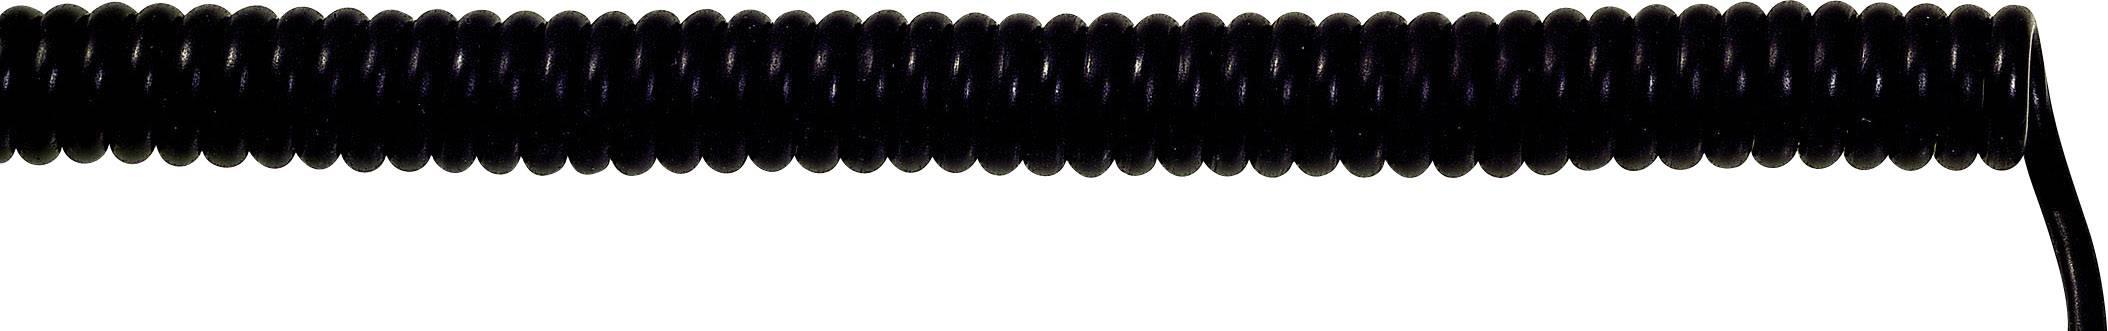 Špirálový kábel 73220205 UNITRONIC® SPIRAL 3 x 0.14 mm², 100 mm / 400 mm, čierna